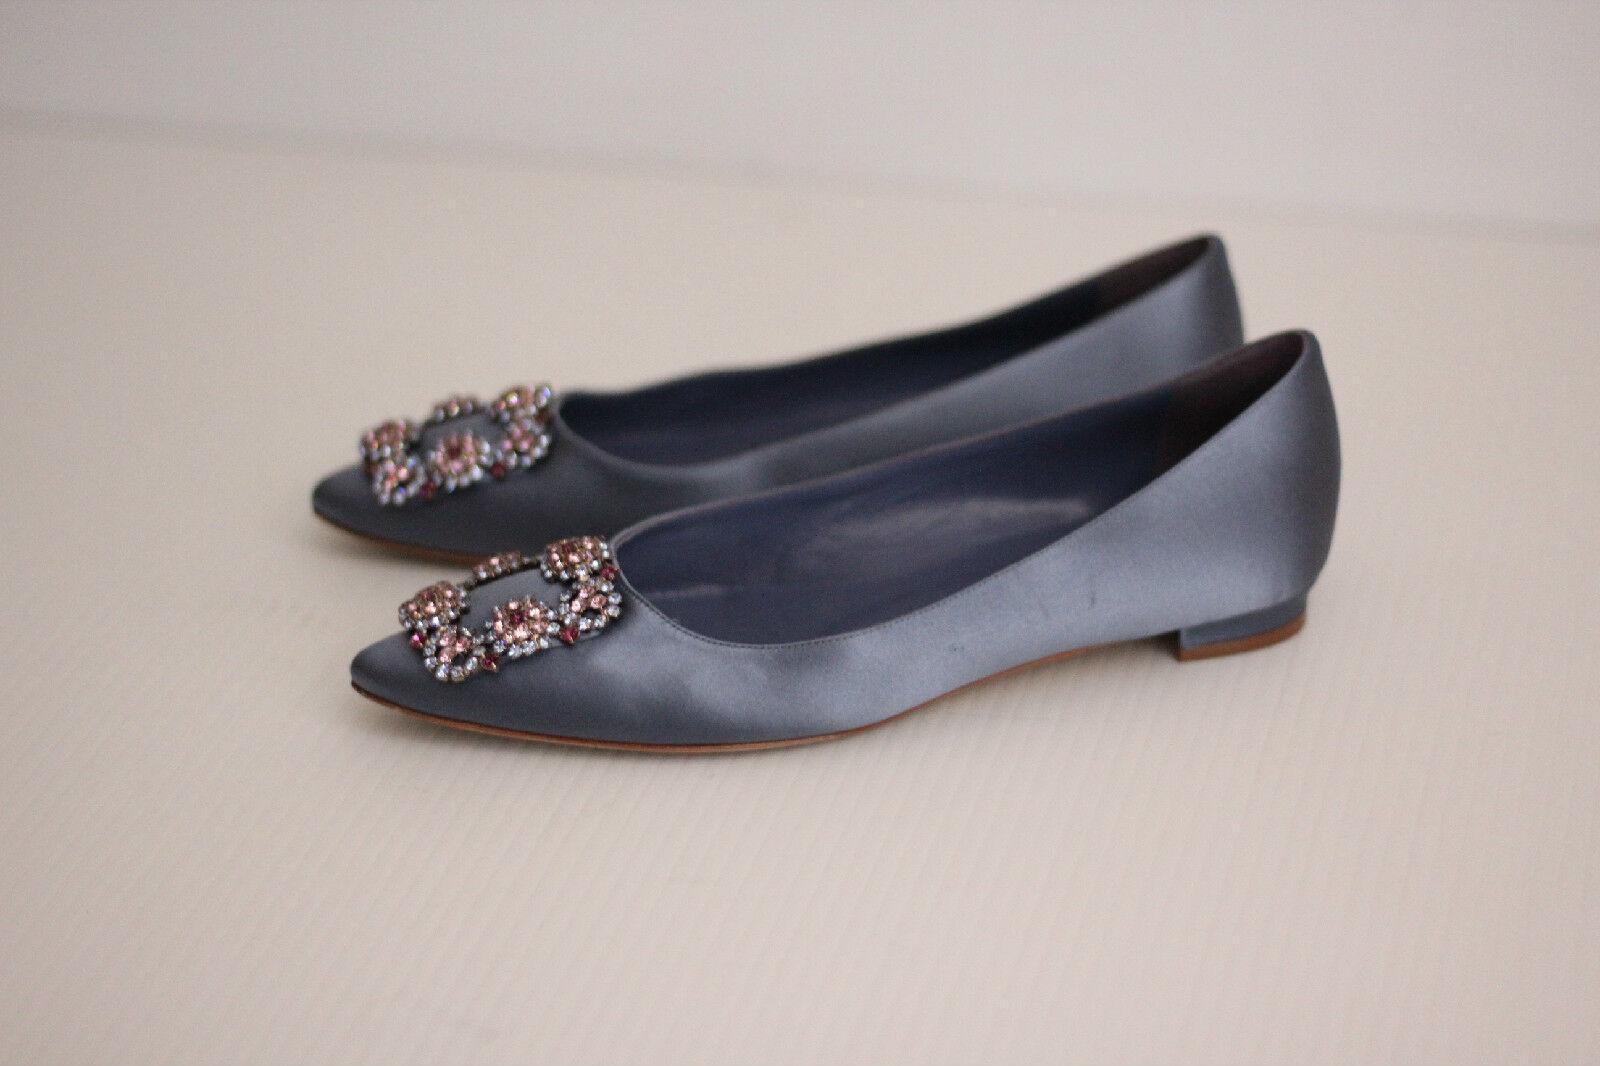 Manolo Blahnik Hangisi Jeweled Flat- Embellished Pointy Toe Flat- Jeweled Periwinkle Satin - 6 c8caa1